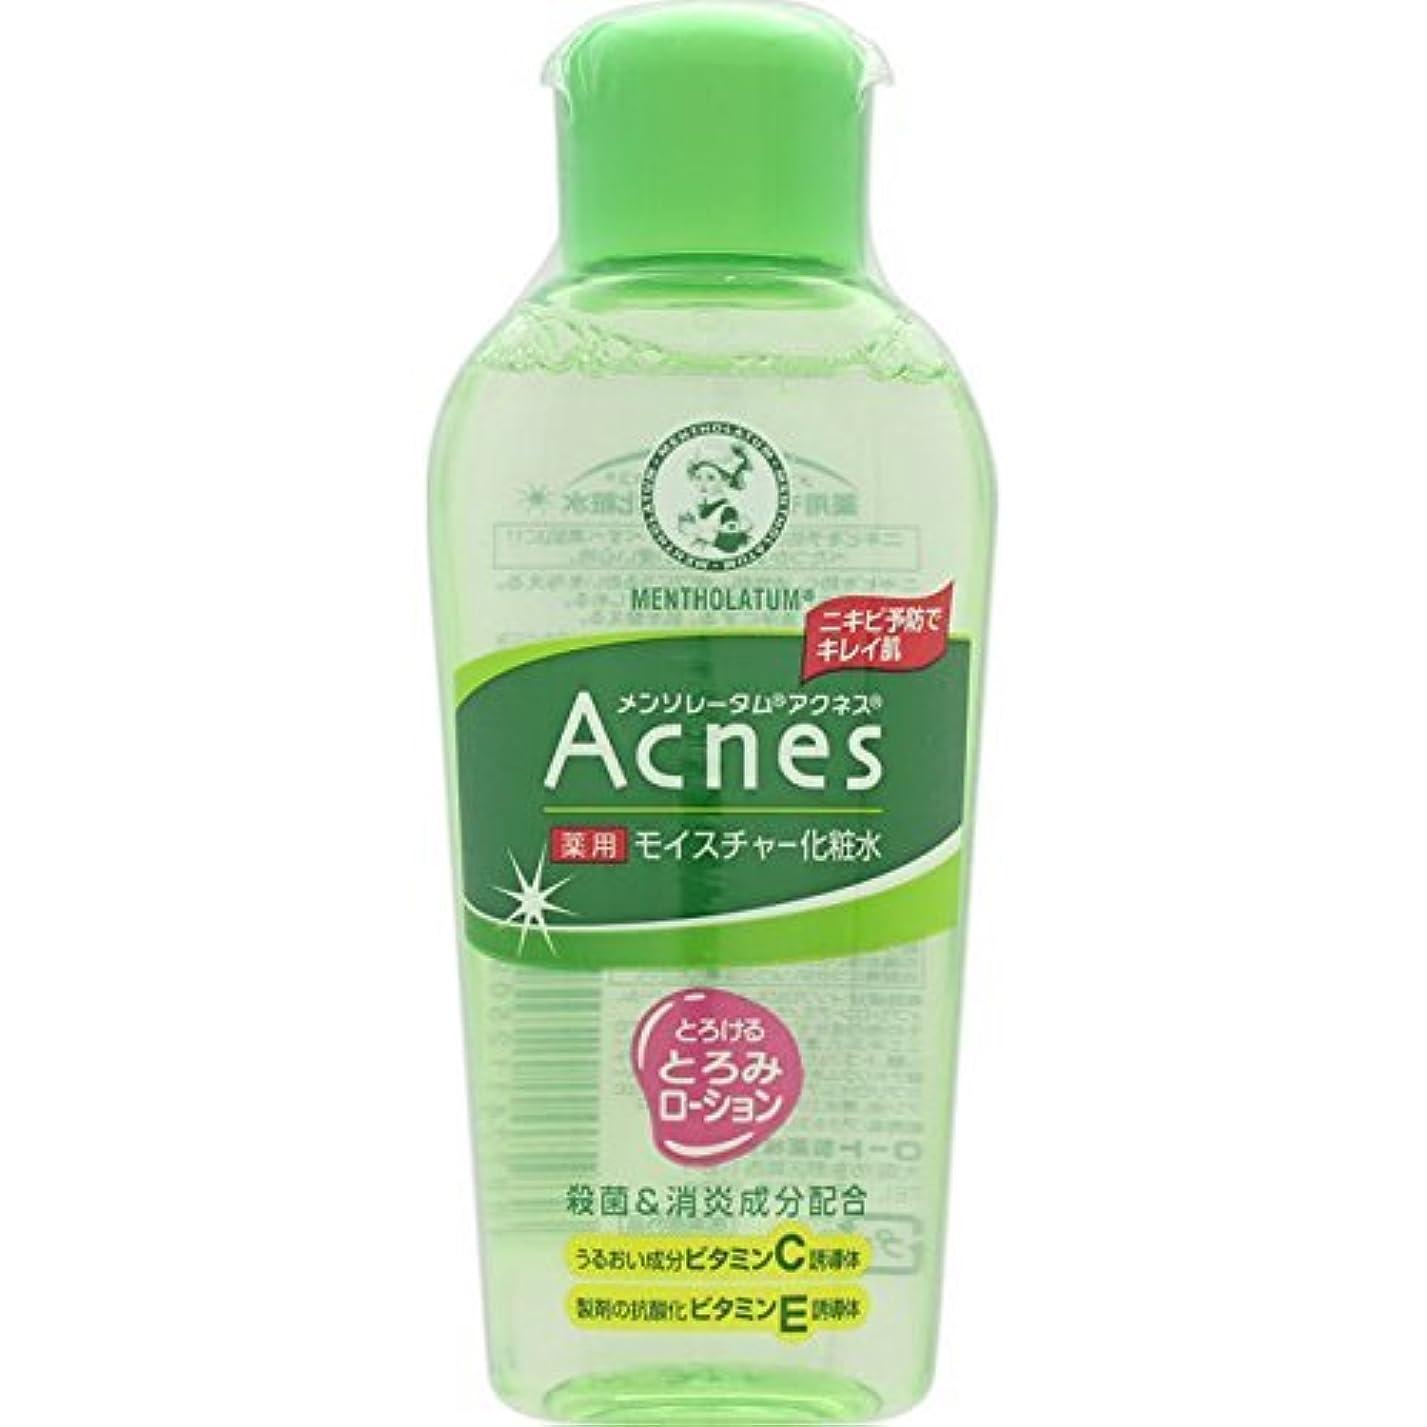 センチメンタル手がかり報告書Acnes(アクネス) 薬用モイスチャー化粧水 120mL【医薬部外品】